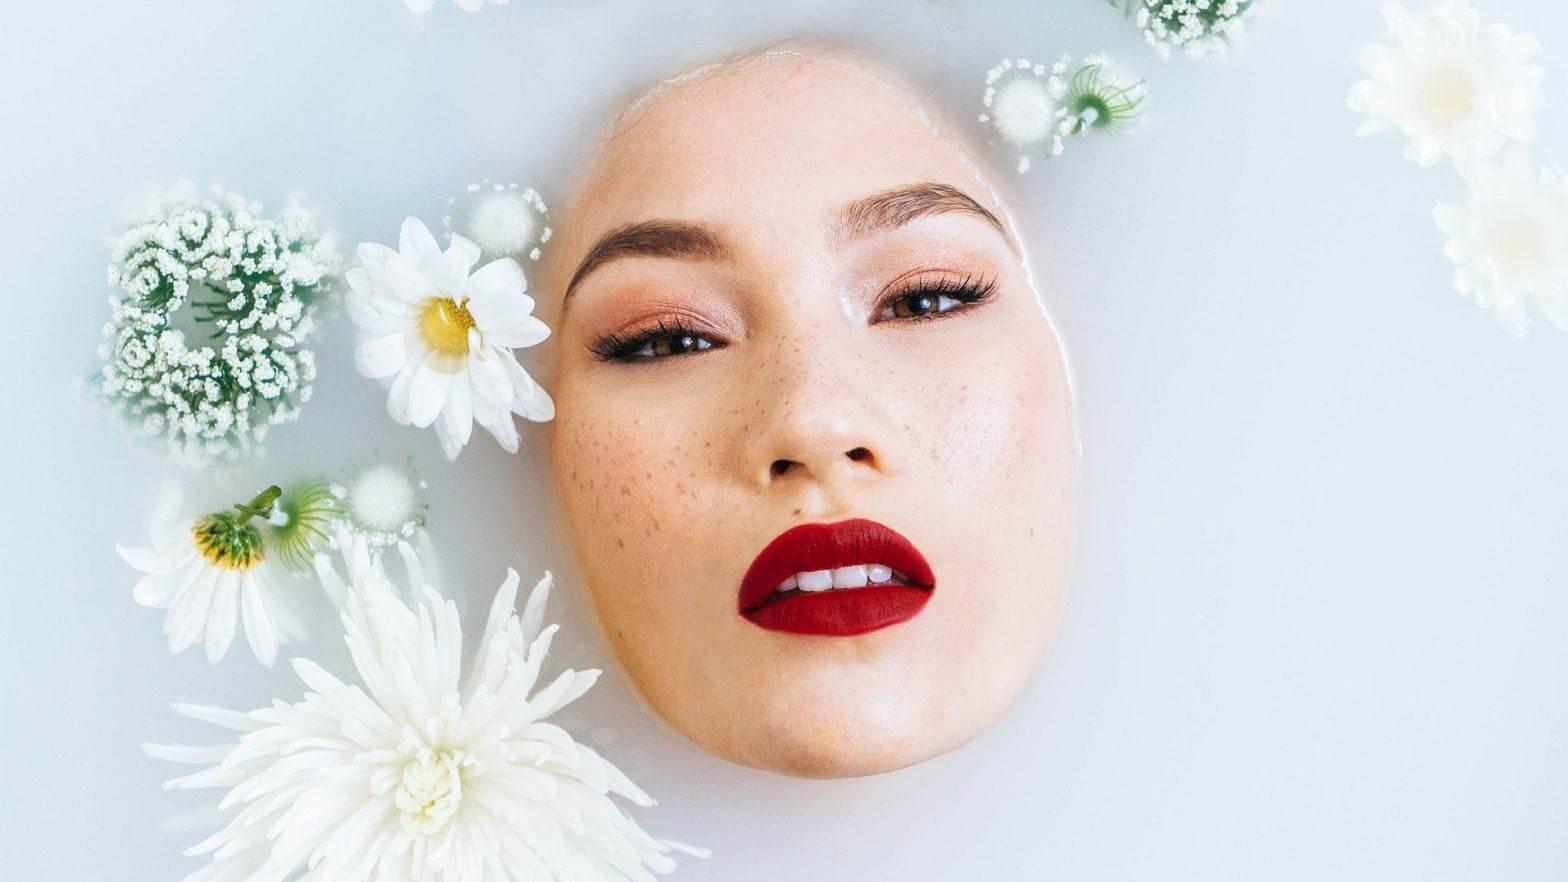 Mulher com maquiagem vegana dentro de uma banheira com água e flores.